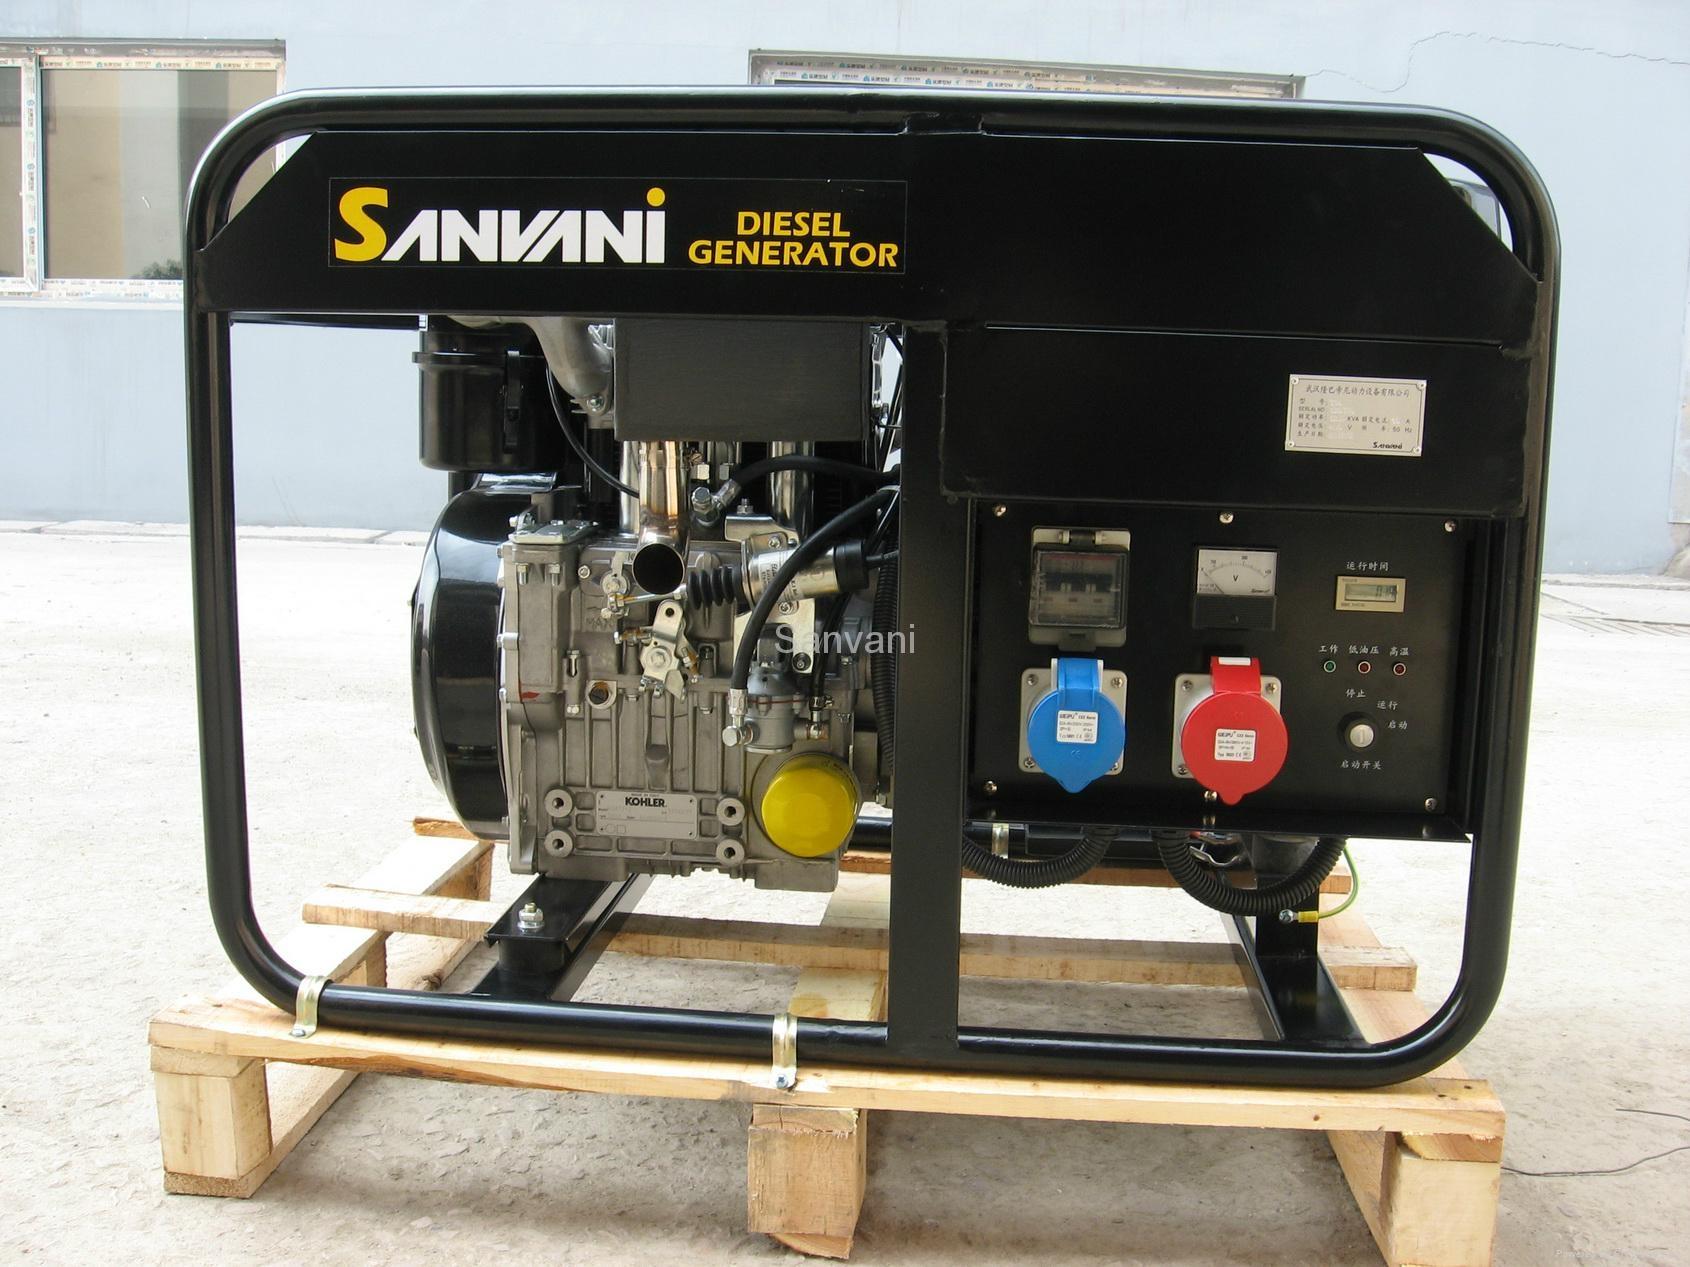 Diesel generator set 5 6 kva Sanvani China Manufacturer